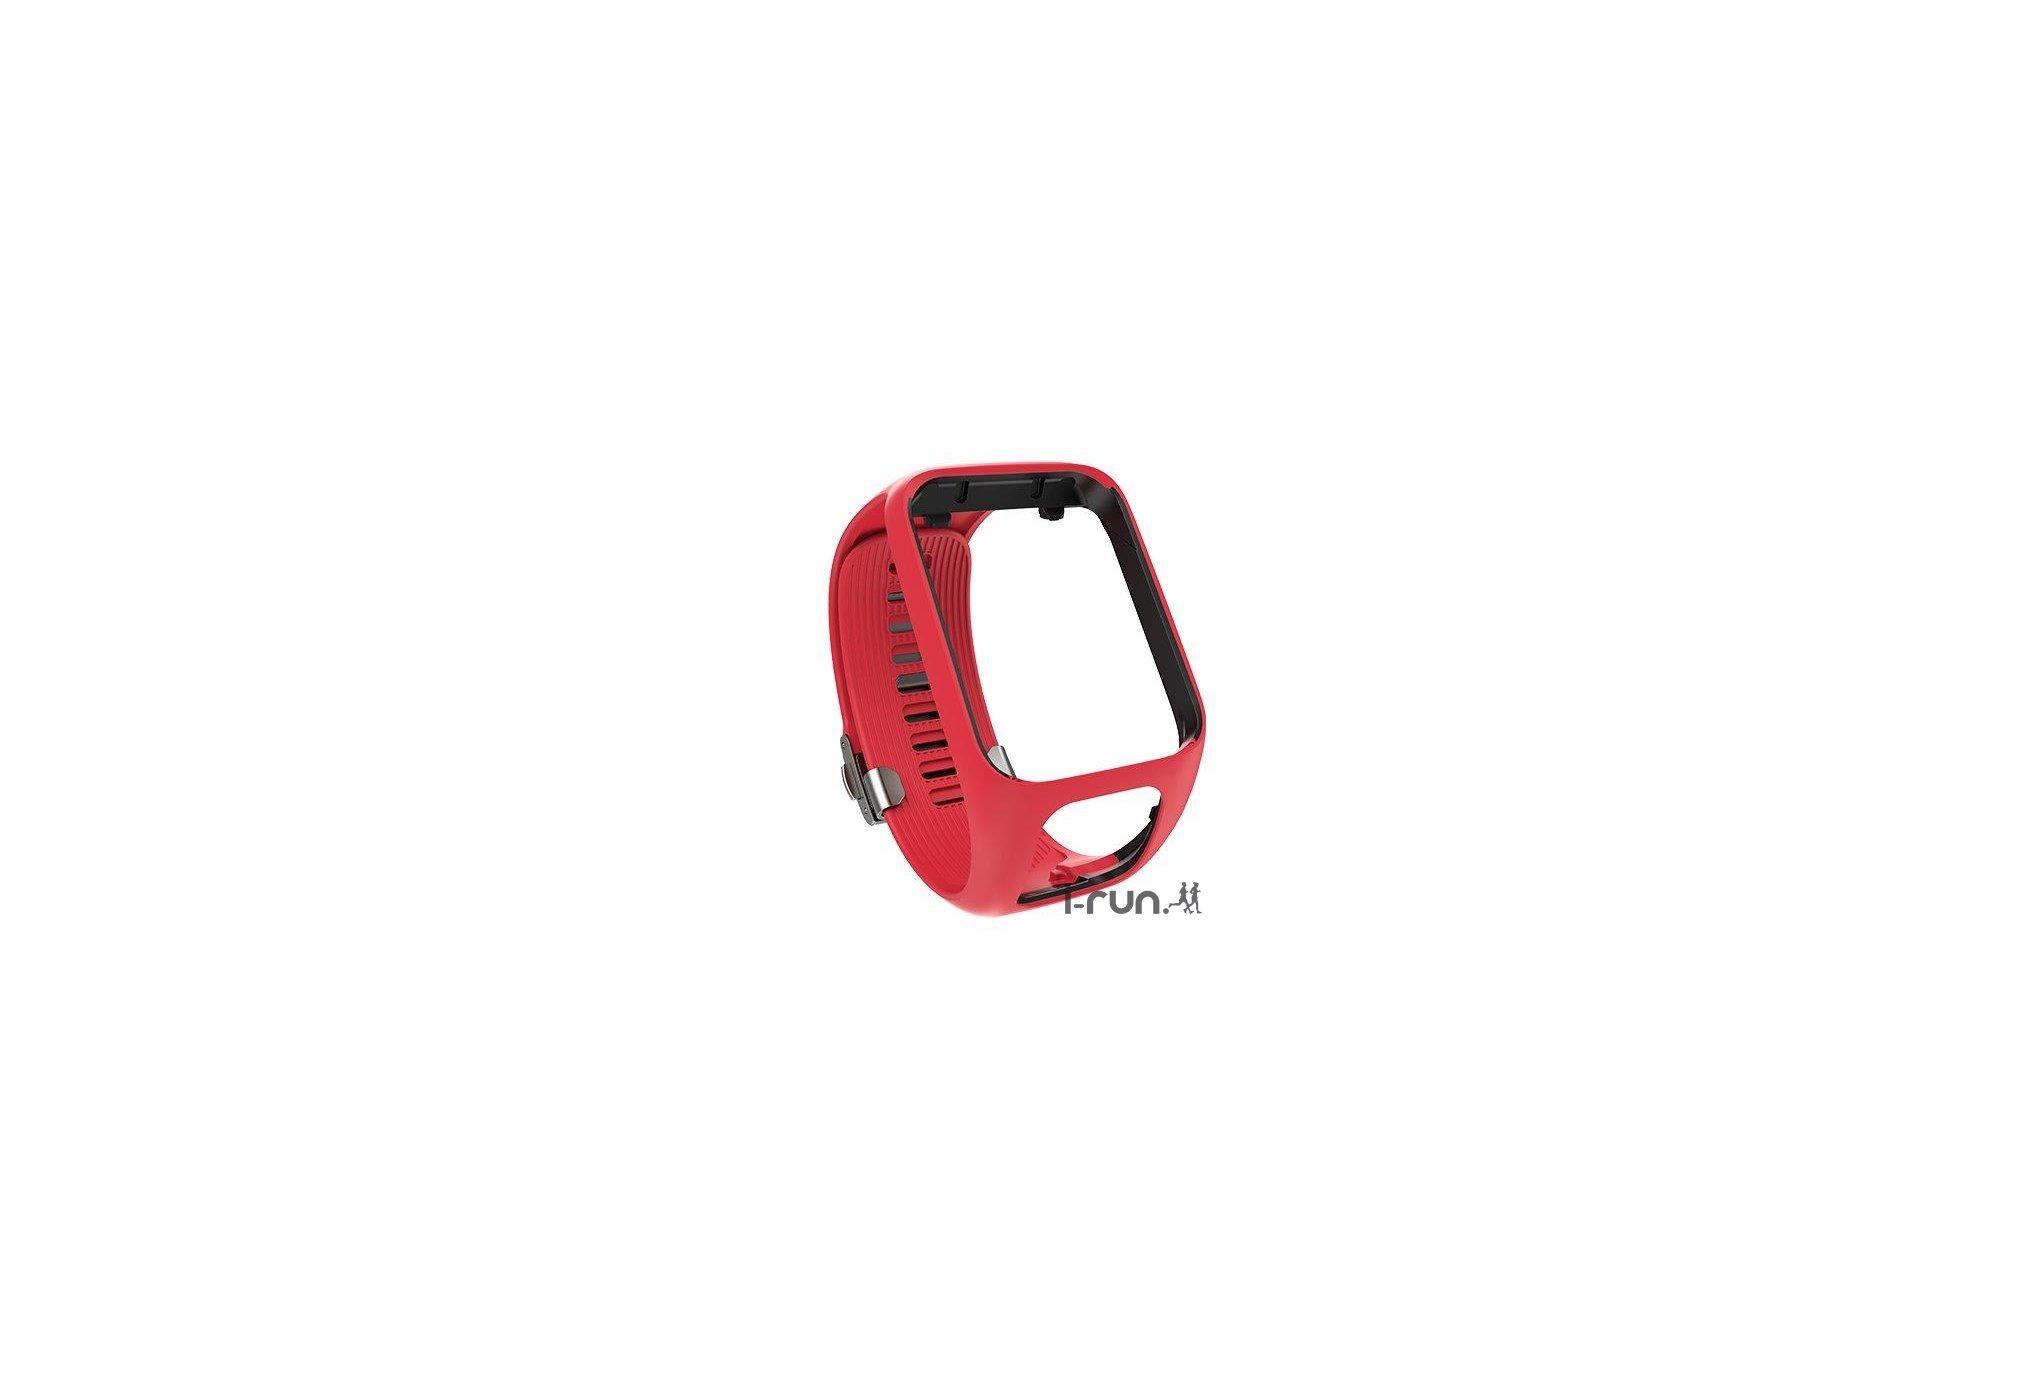 Tomtom Bracelet montre premium - large accessoires montres/ bracelets